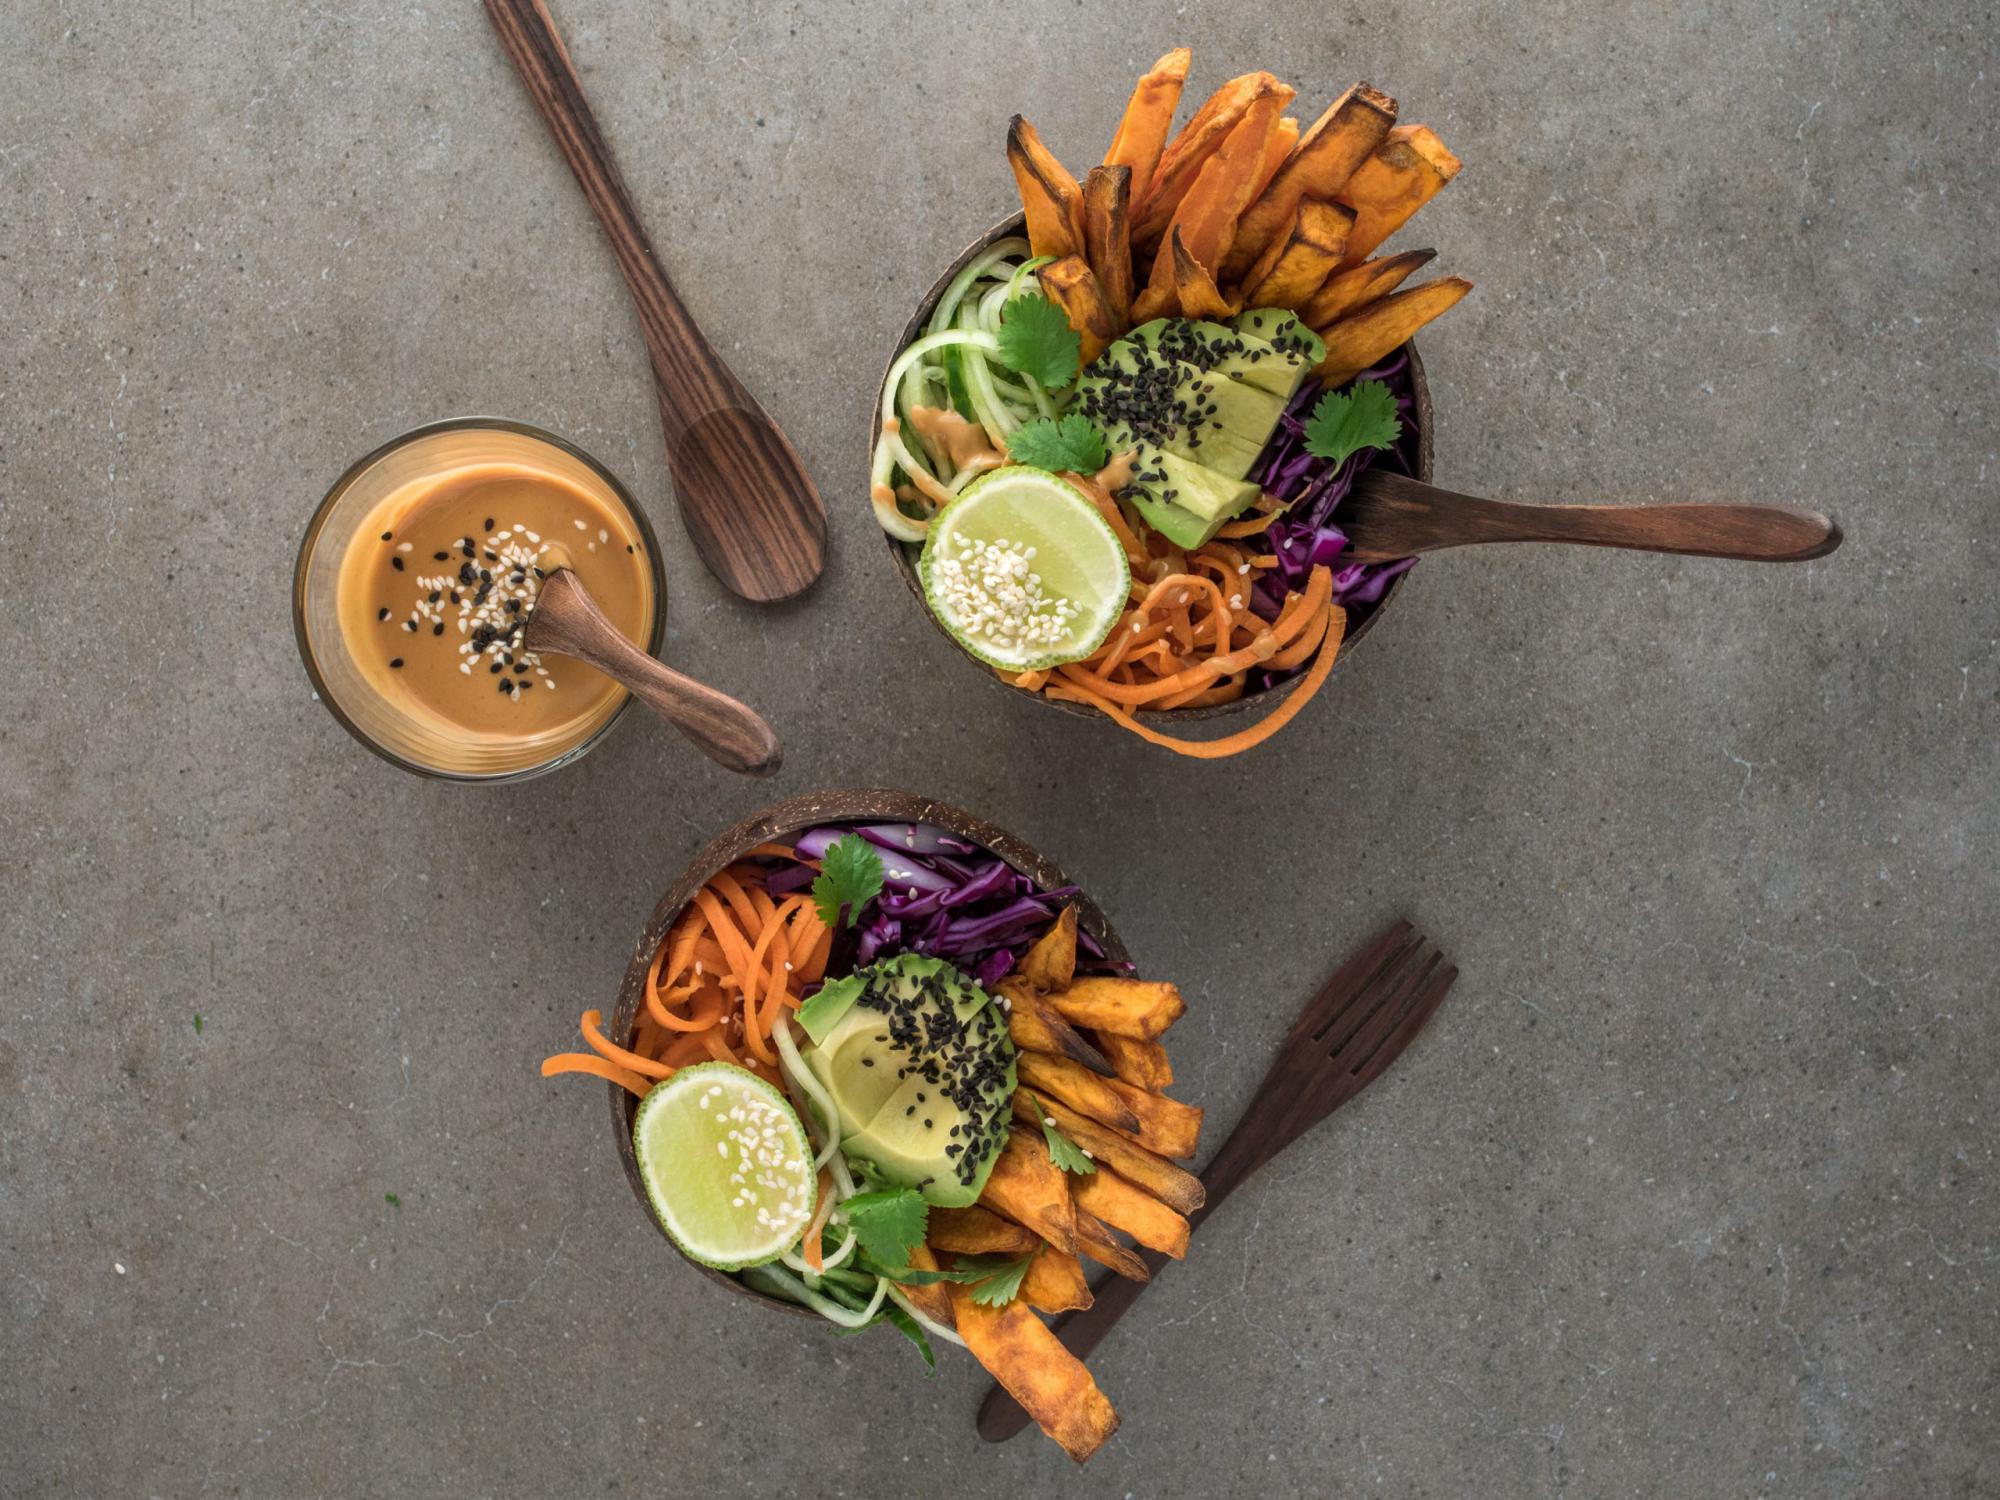 綺麗に並べた野菜の盛り合わせ